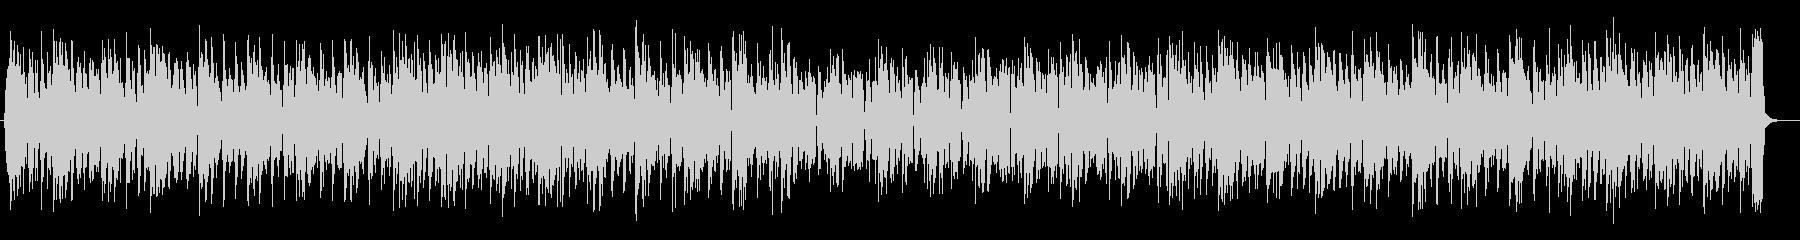 明るく可愛らしい電子音のメロディの未再生の波形